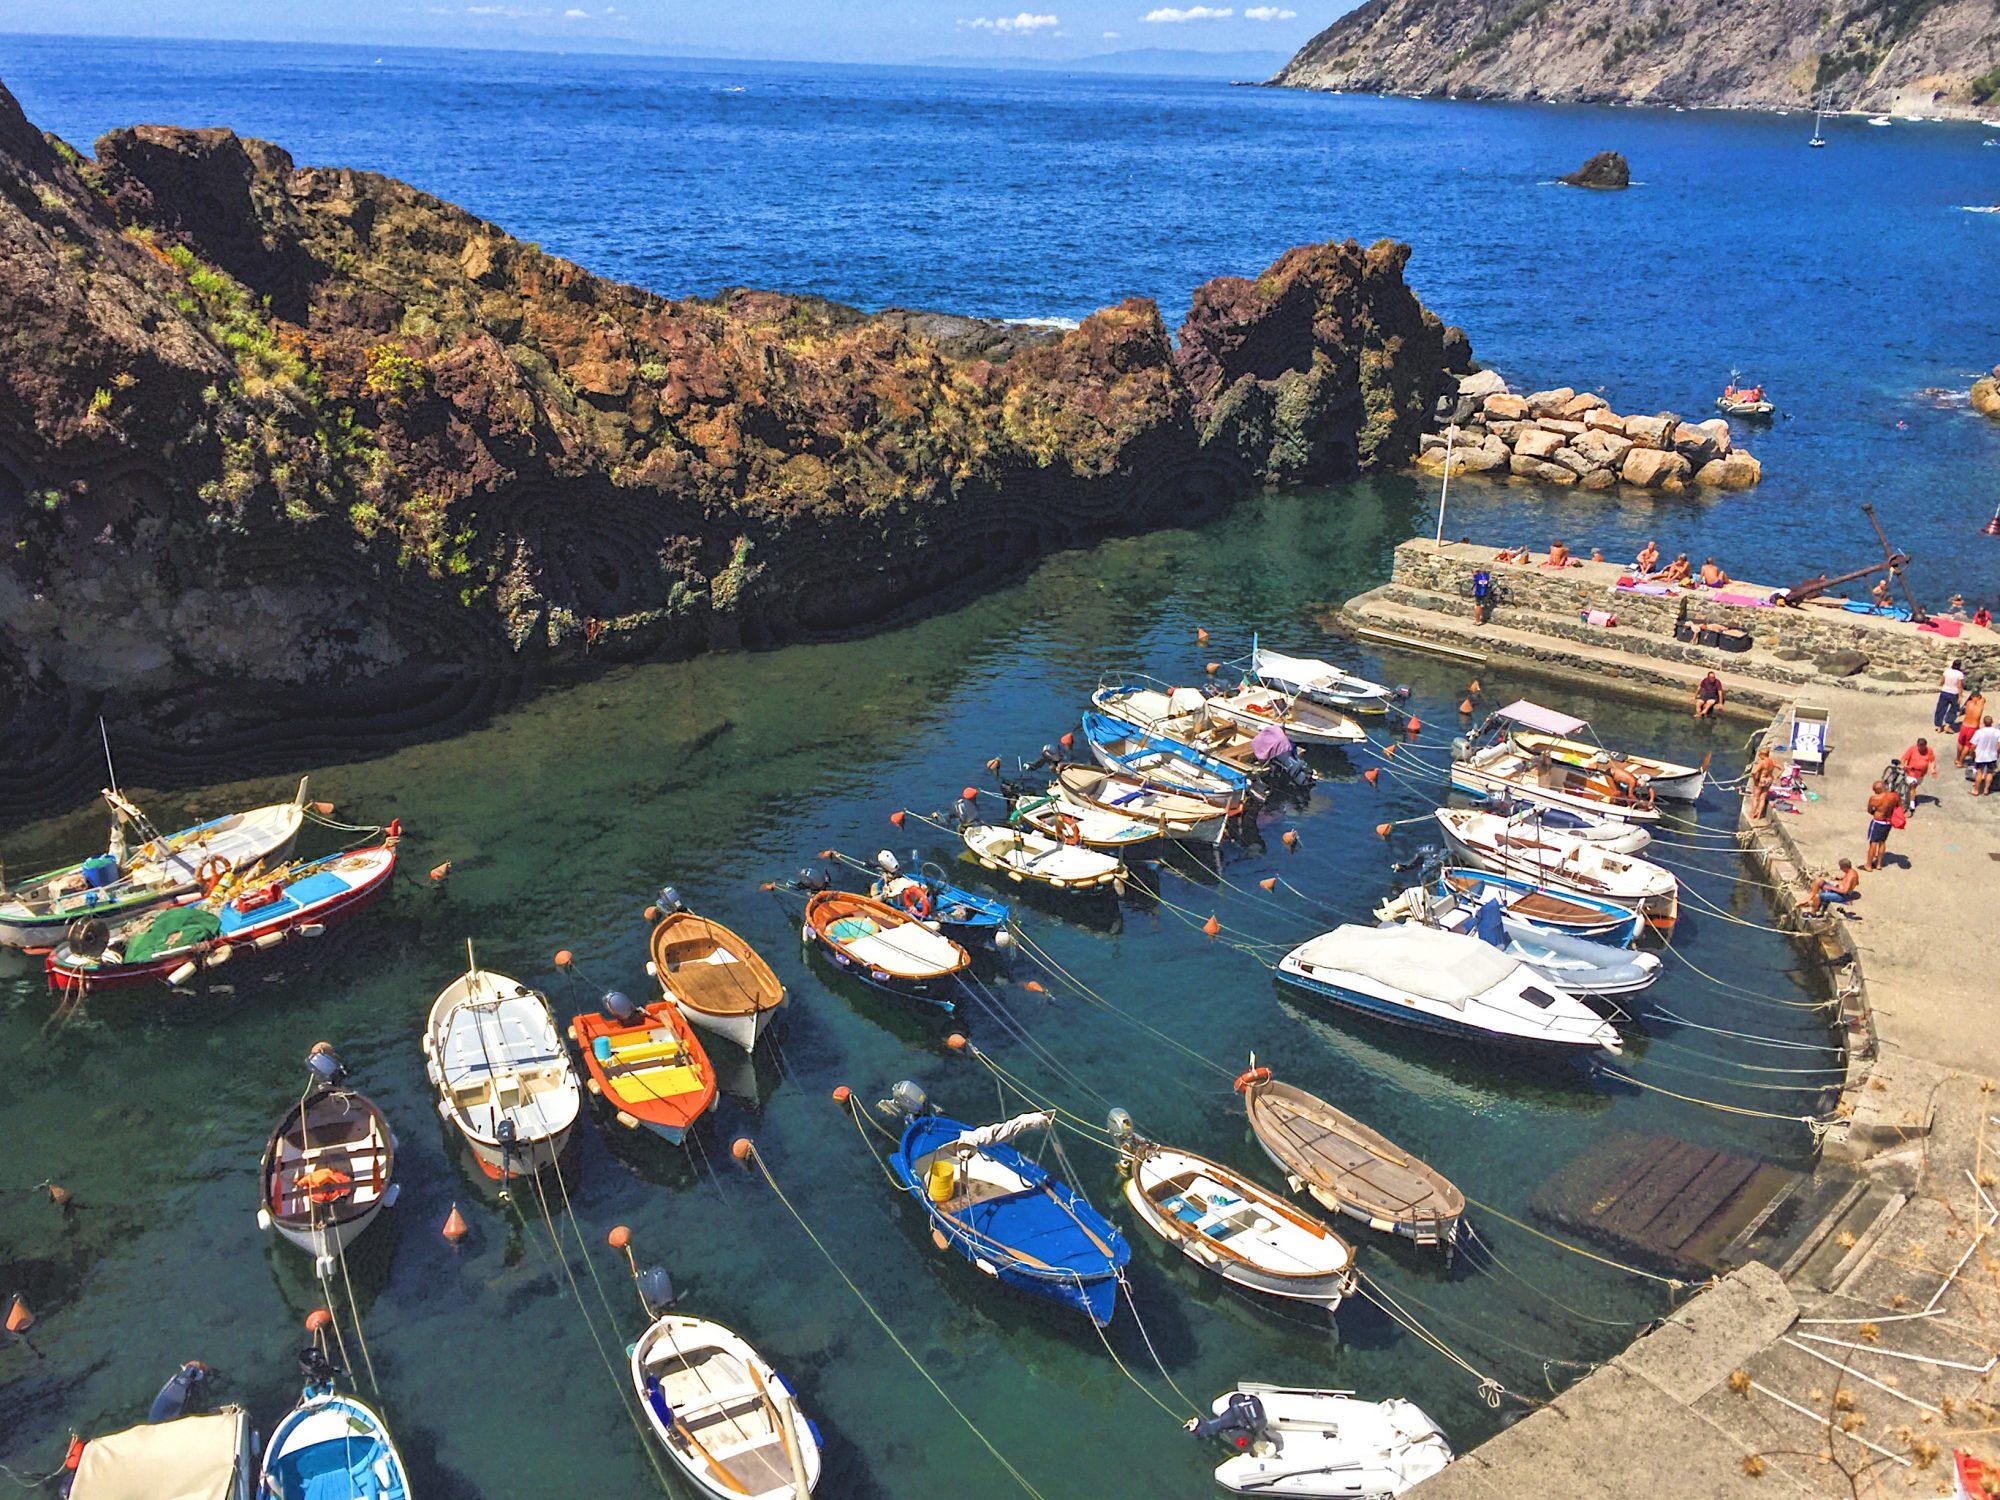 L'Agave restaurant Framura harbor